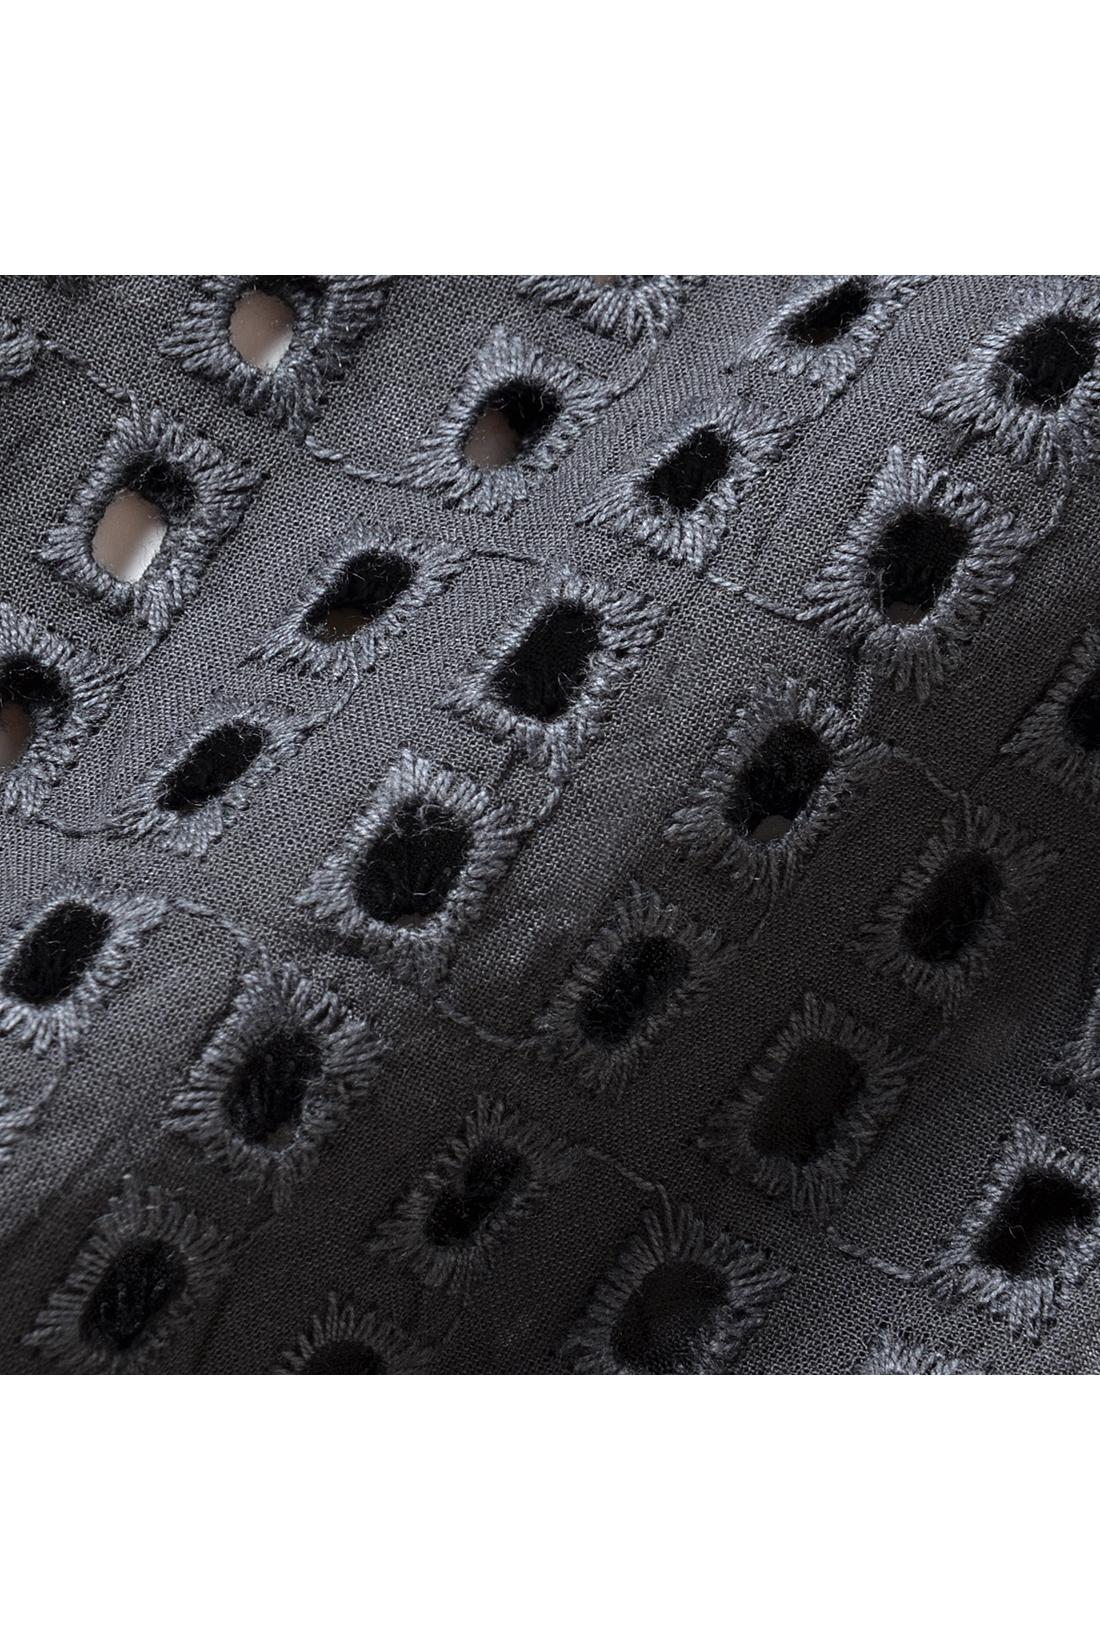 張りのあるパンチングレース素材。